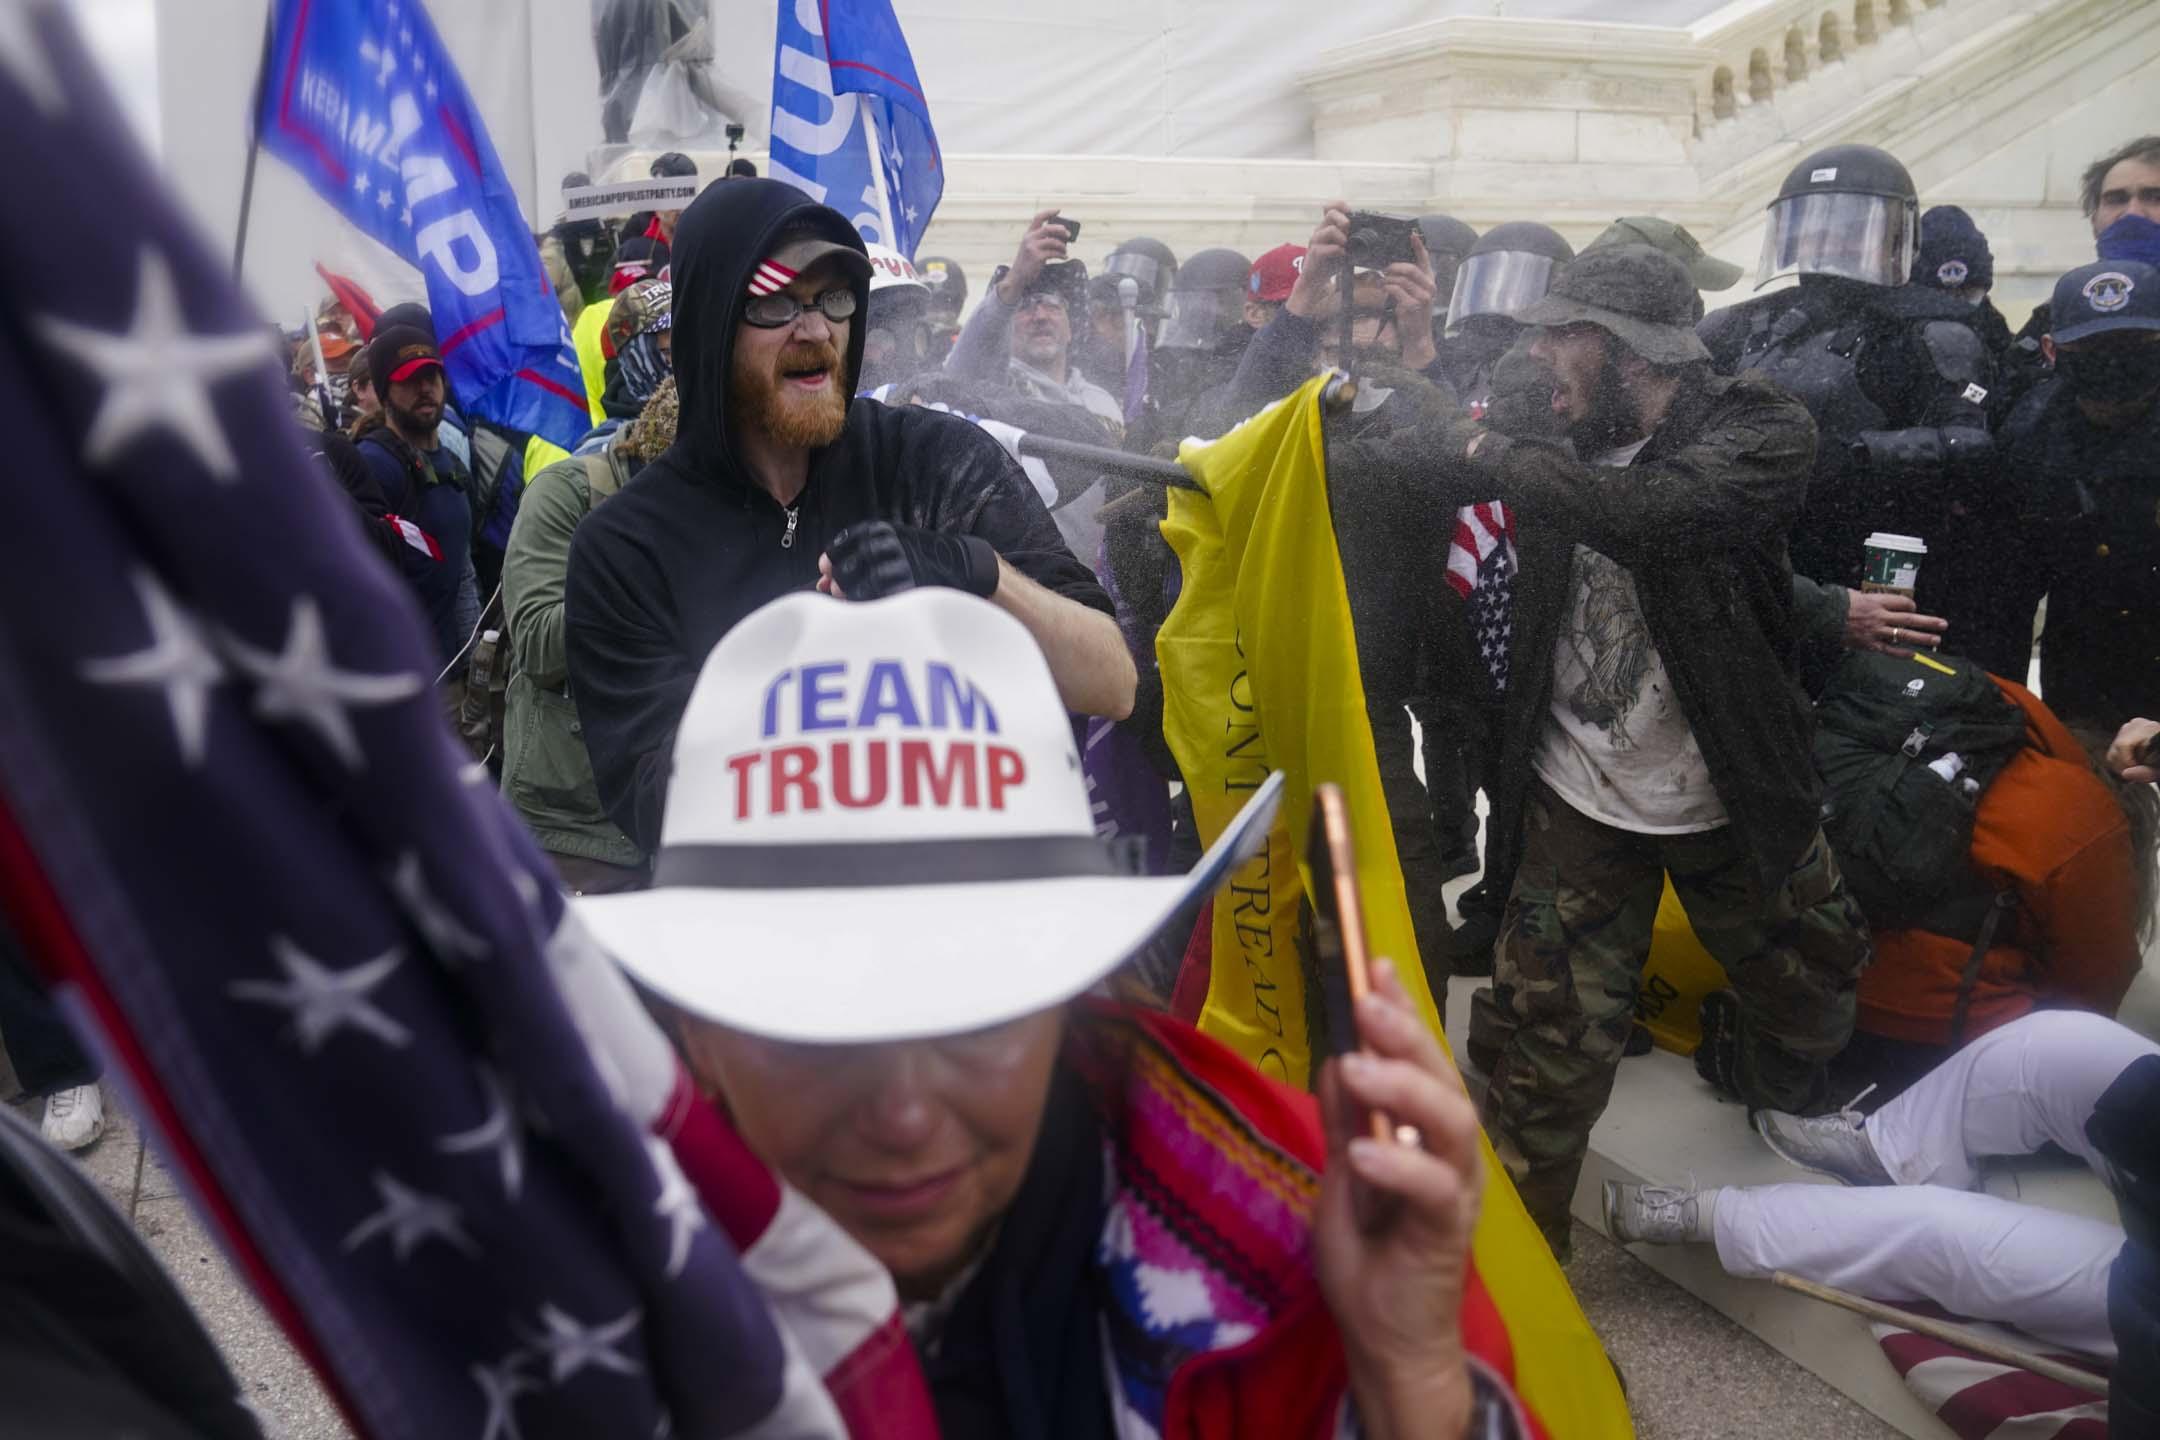 2021年1月6日,華盛頓國會大樓外的特朗普支持者試圖突破警察的障礙。